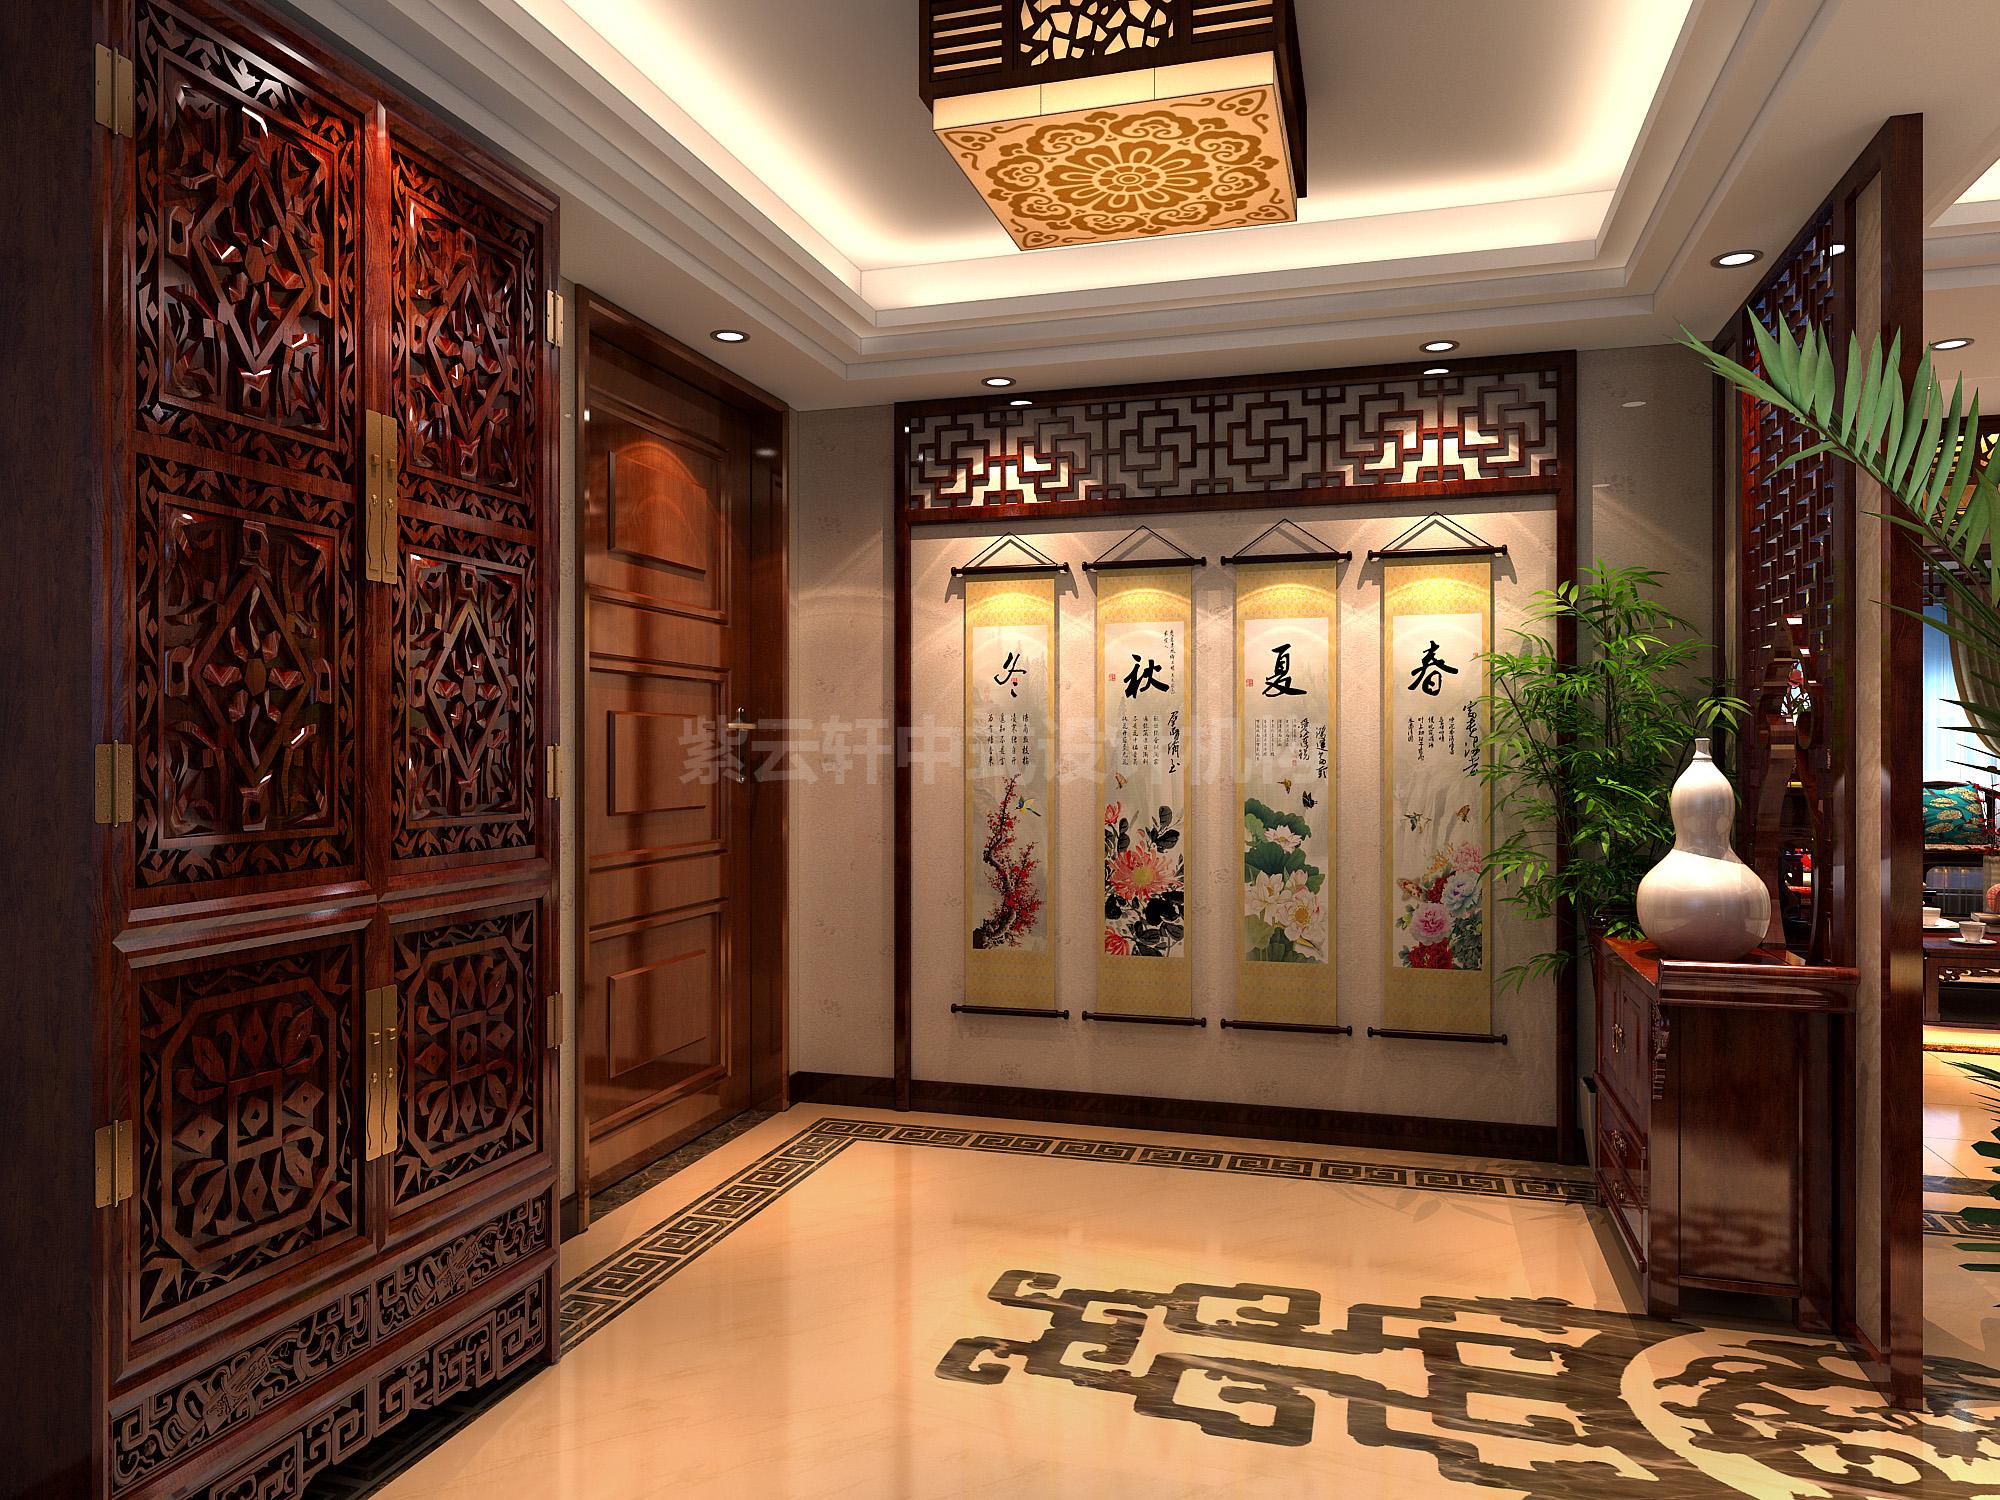 别墅 中式装修 古典中式 玄关图片来自紫云轩中式装修在青山绿水引诗赋,古木沉香牵画魂的分享